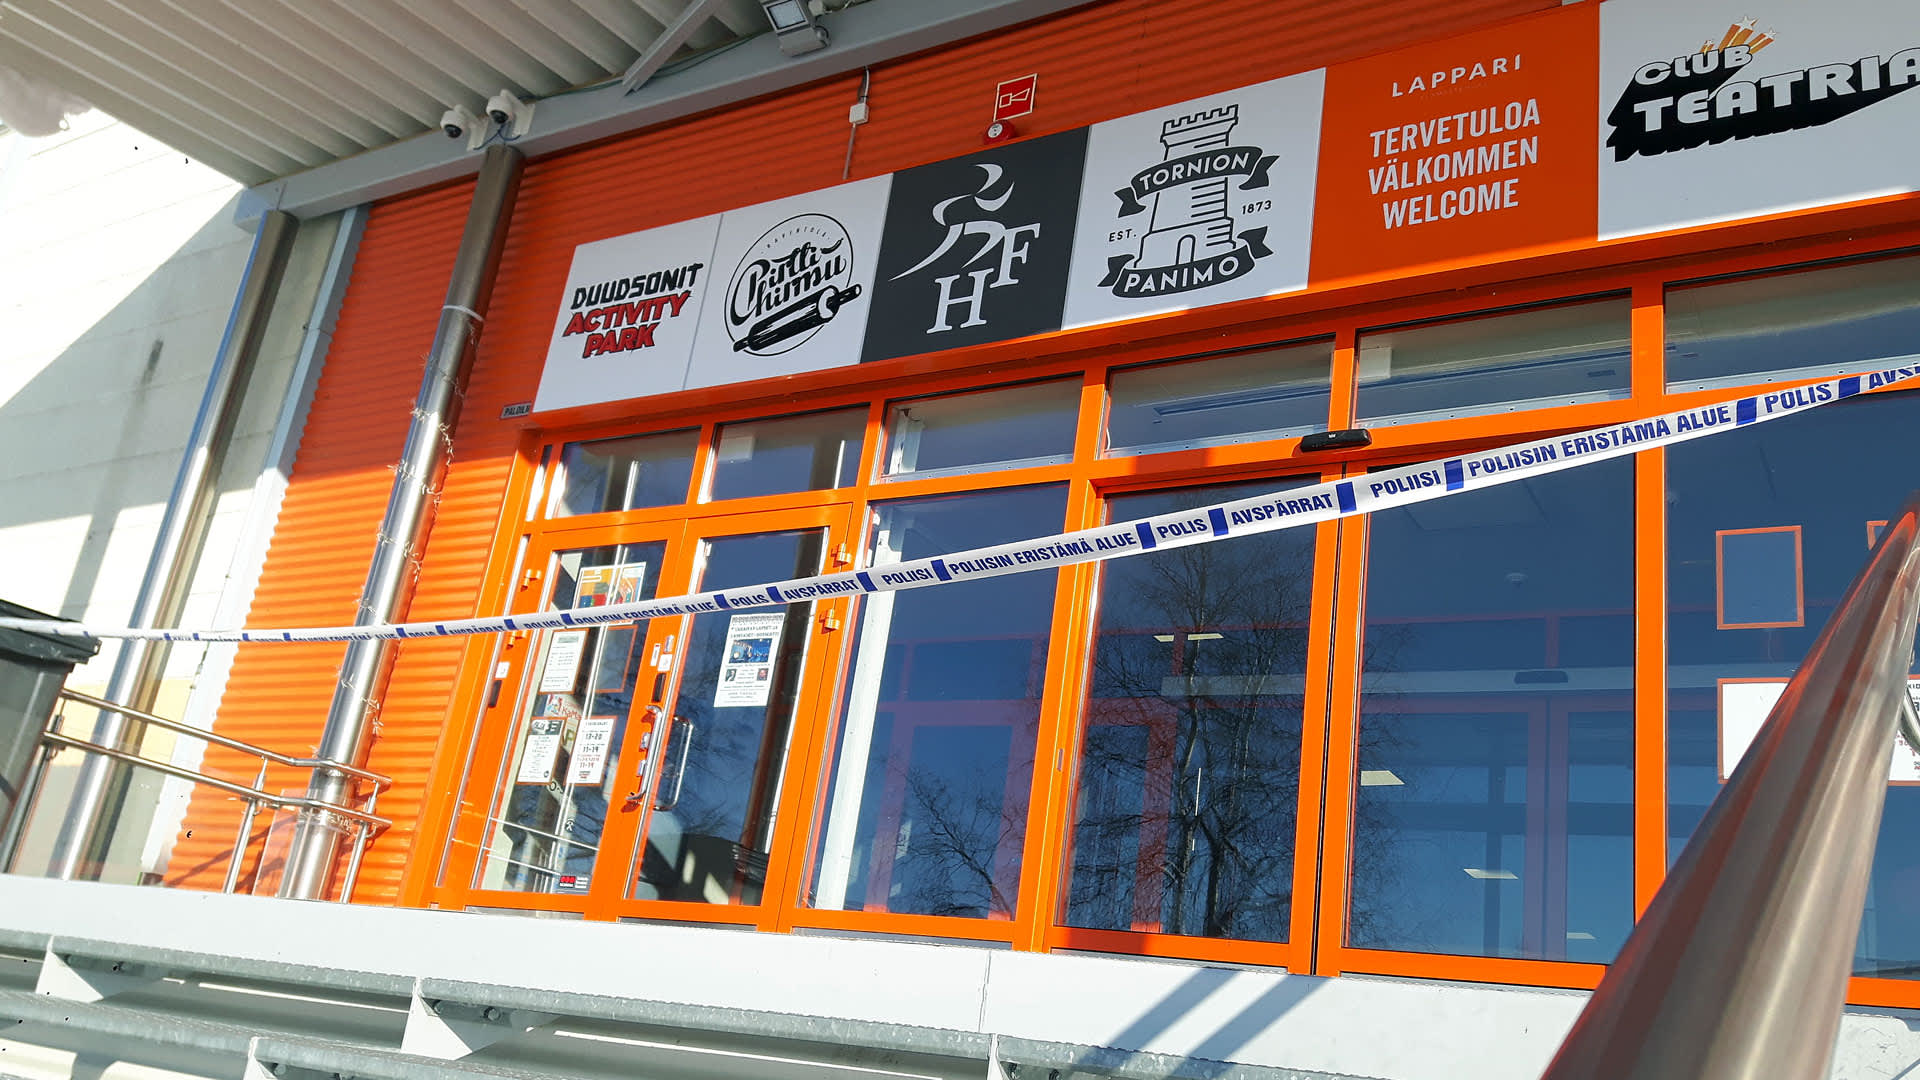 Tornion Duudsoni-elämyspuiston sisäänkäynti on suljettu poliisin eristysnauhalla.